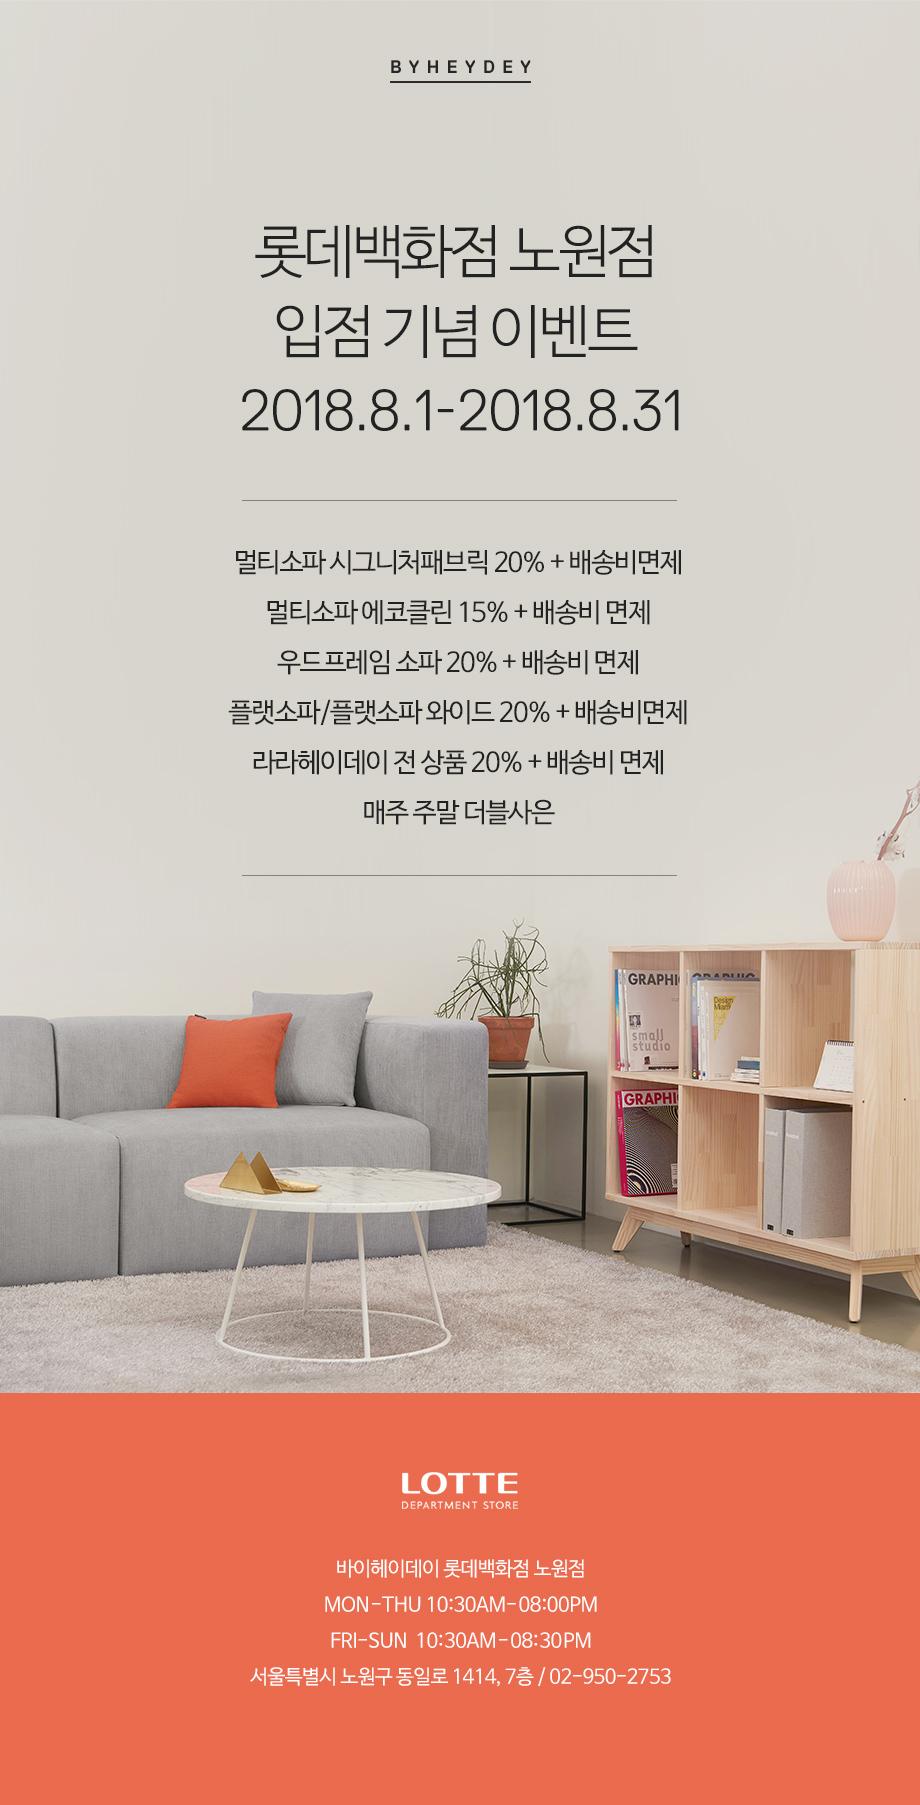 롯데백화점 노원점 입점 기념 이벤트 2018.8.1 - 2018.8.31